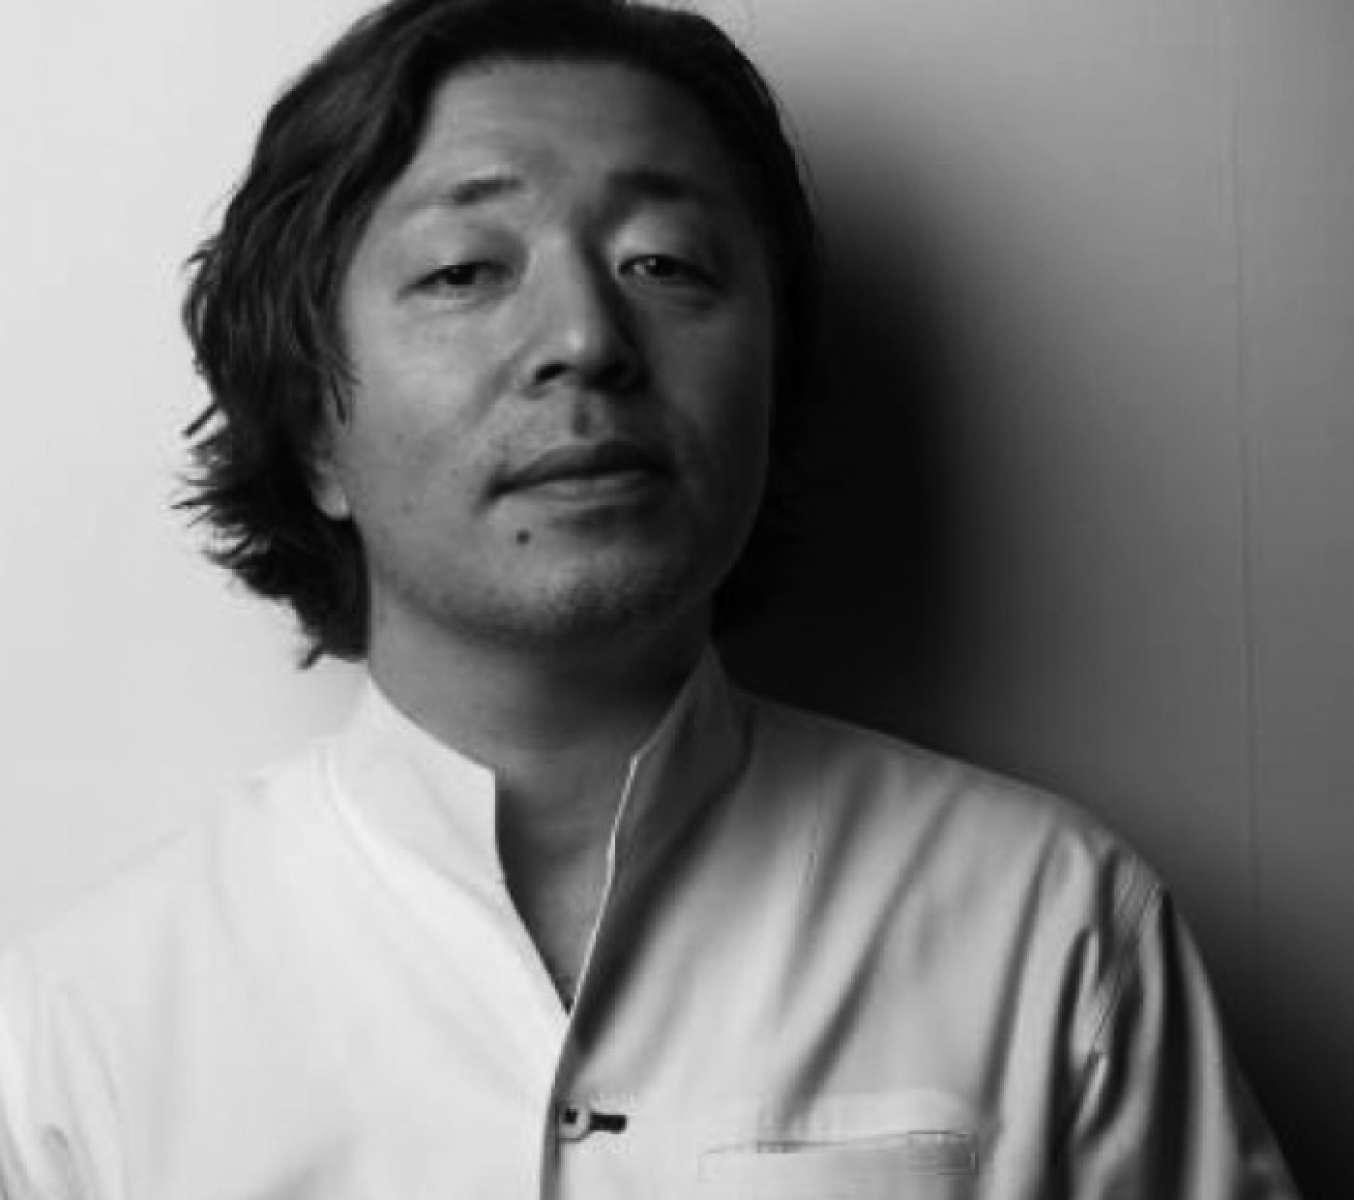 和魂洋才、あえて枠を設けず、自由な慣性で創造される料理で、ゲストをもてなすシェフ・米村氏。 その独創的なスタイルは「よねむら流」とも称される。